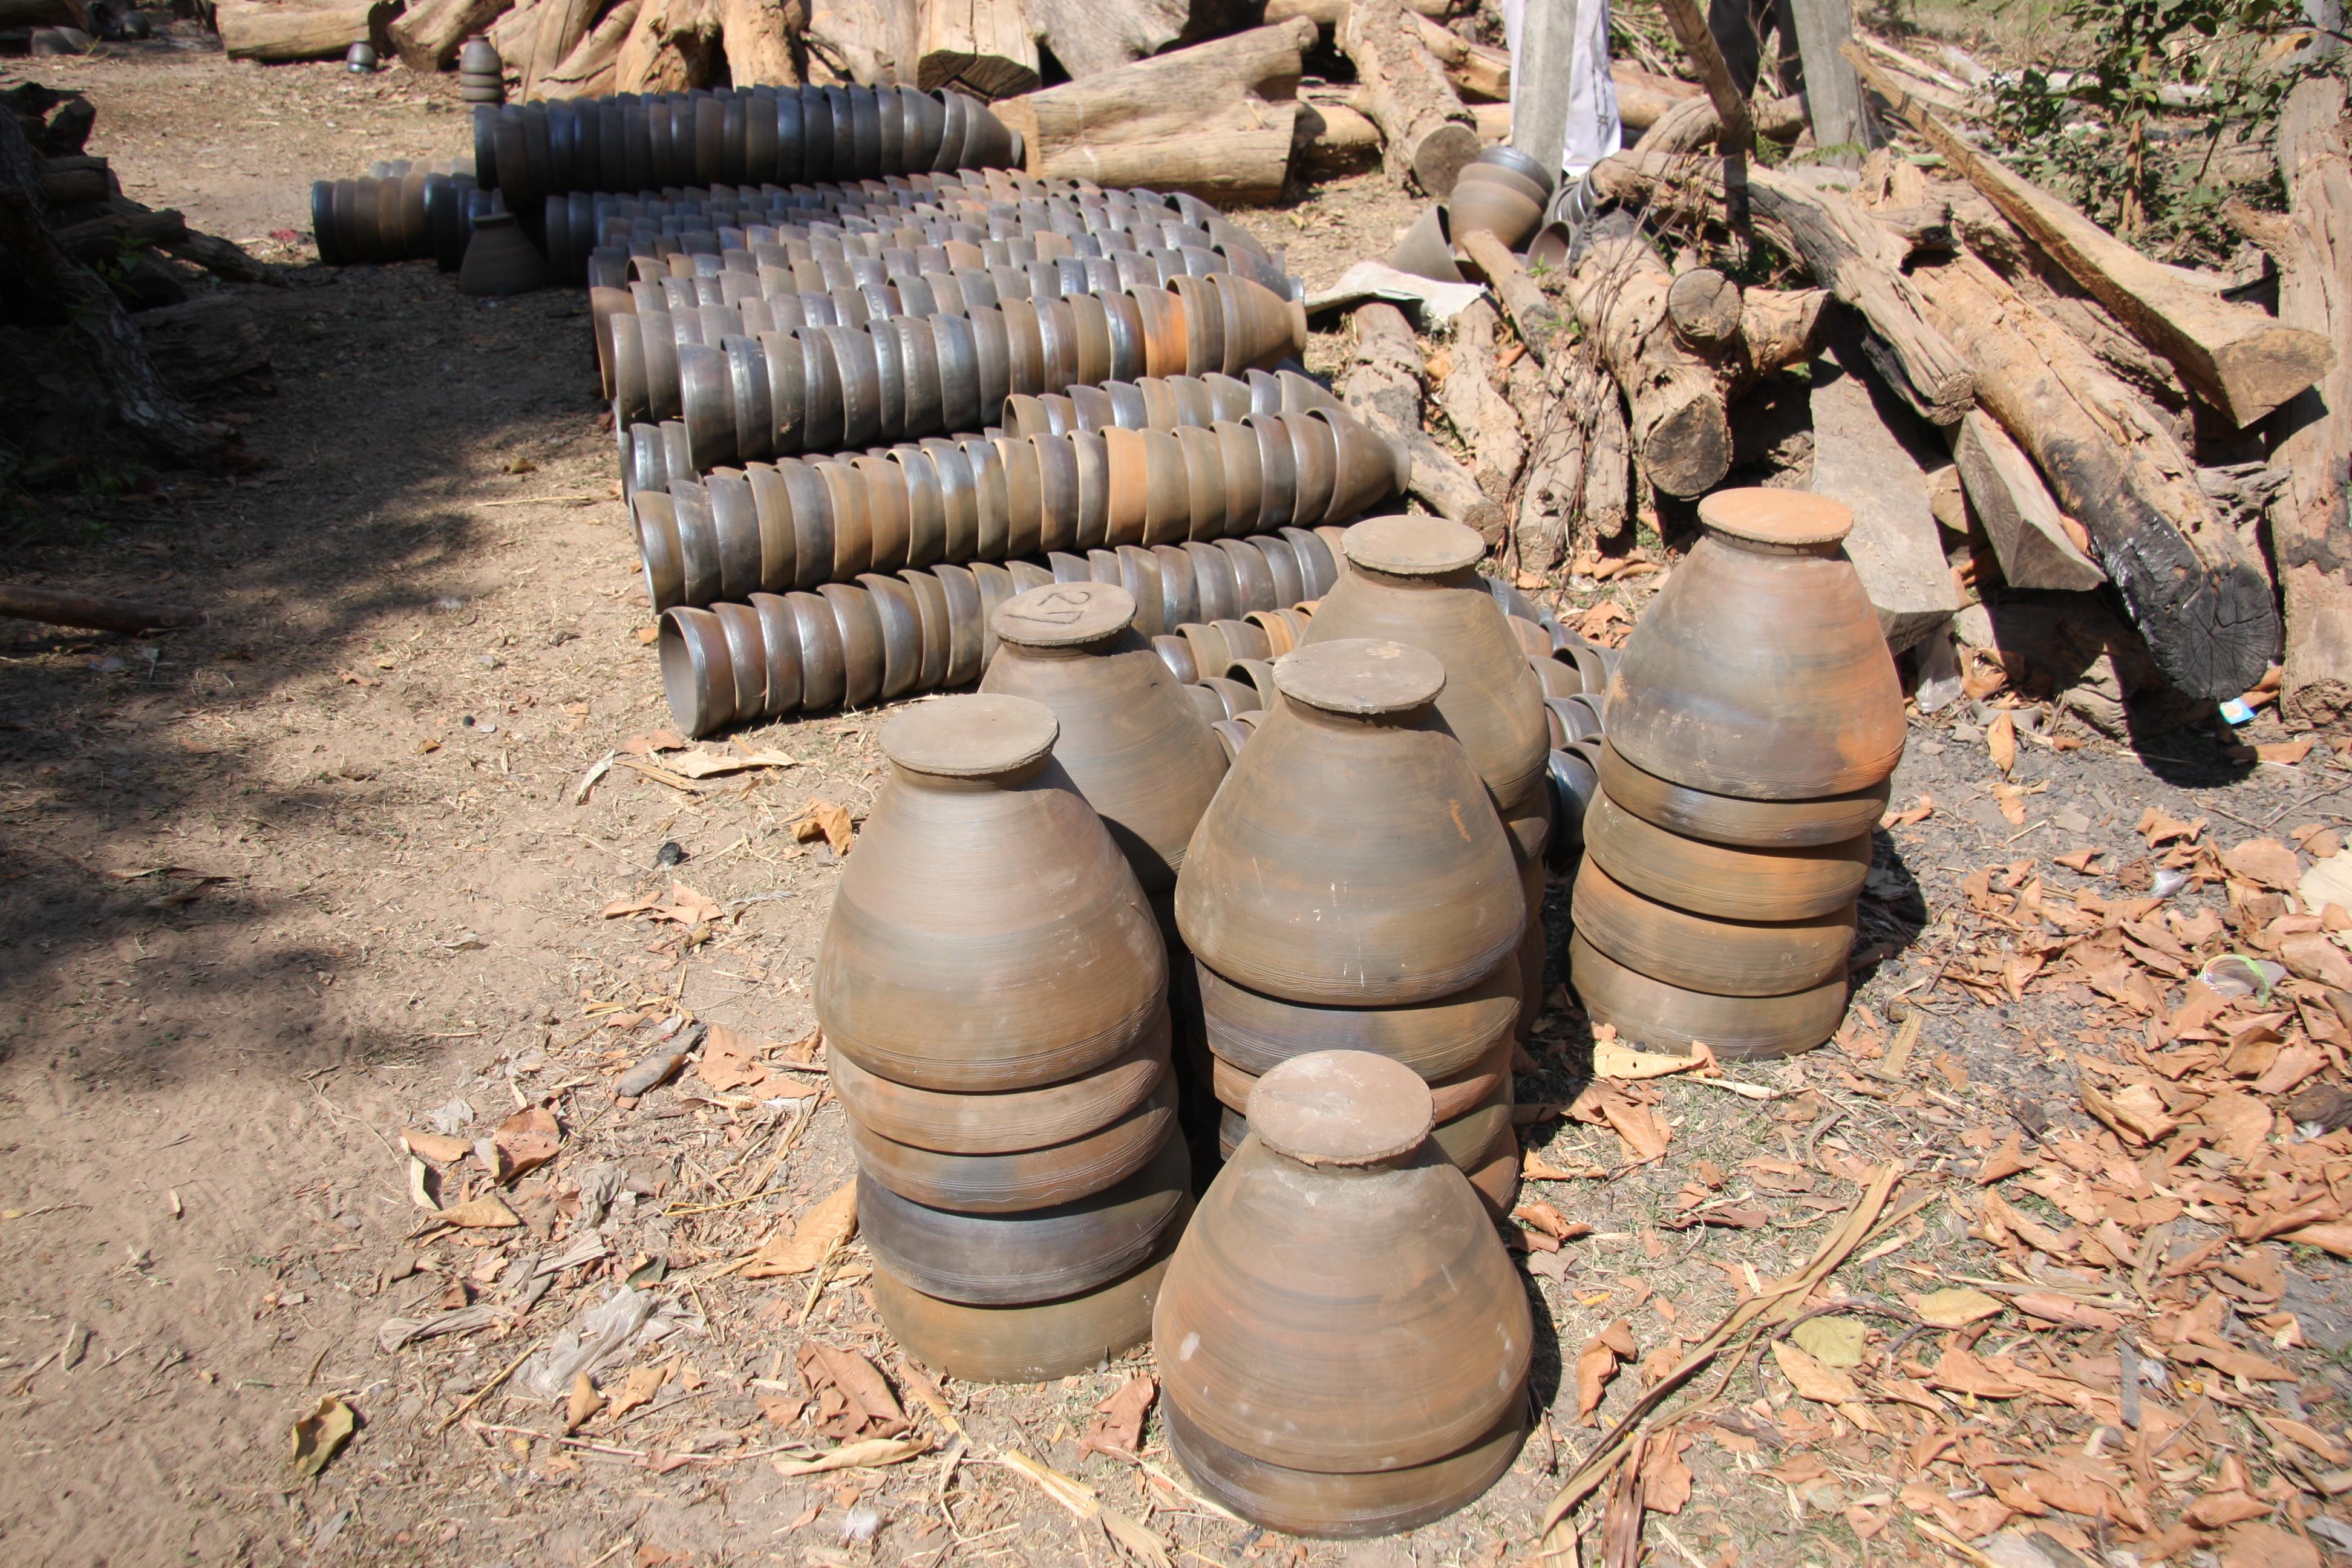 写真5 ノン・ボク村で出荷待ちの焼き締め陶器(すり鉢)(撮影:筆者)